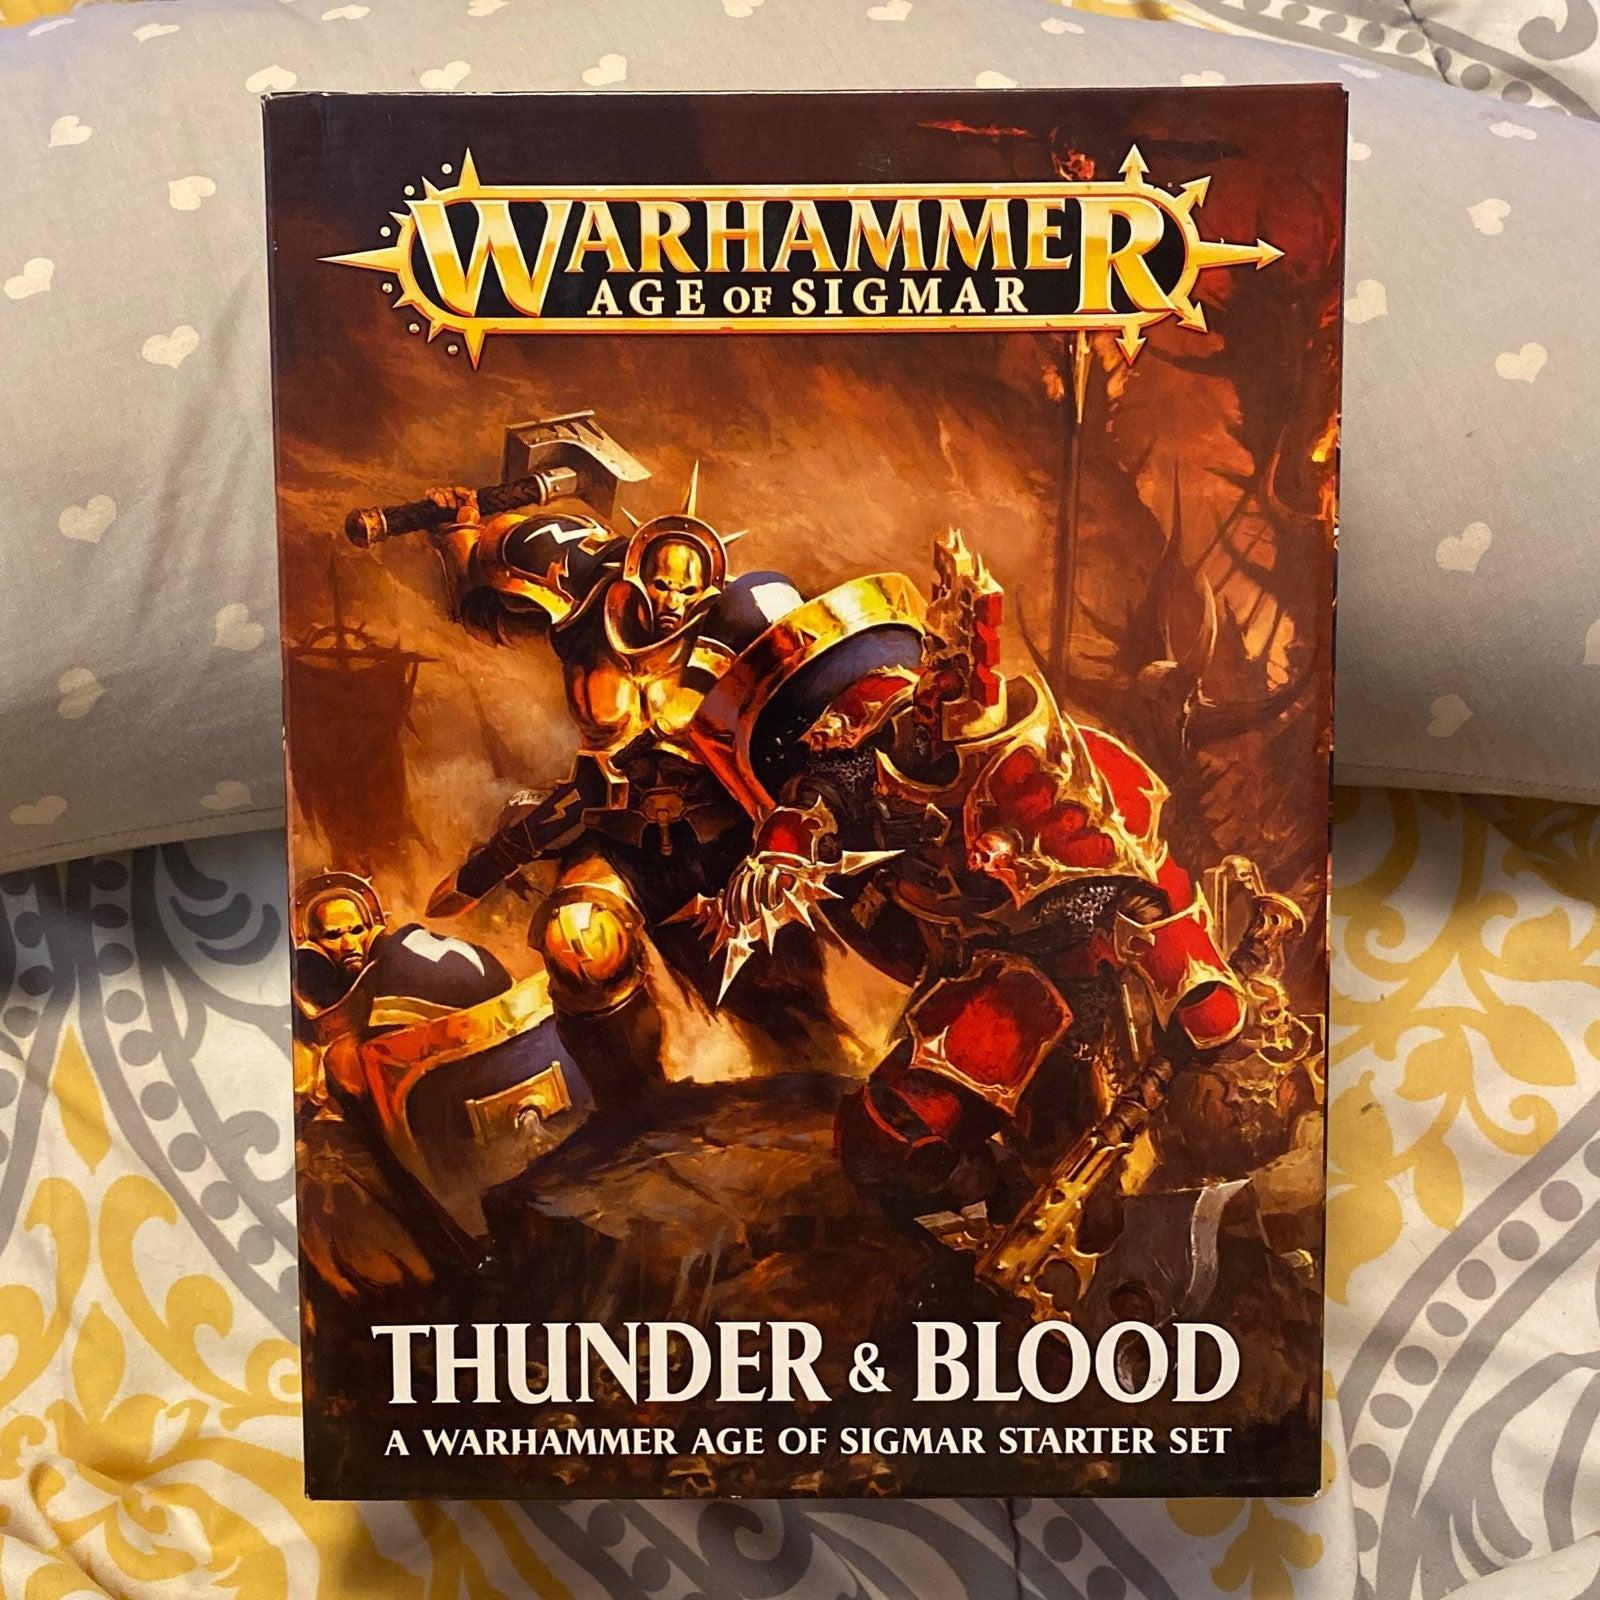 Thunder and Blood Starter Set